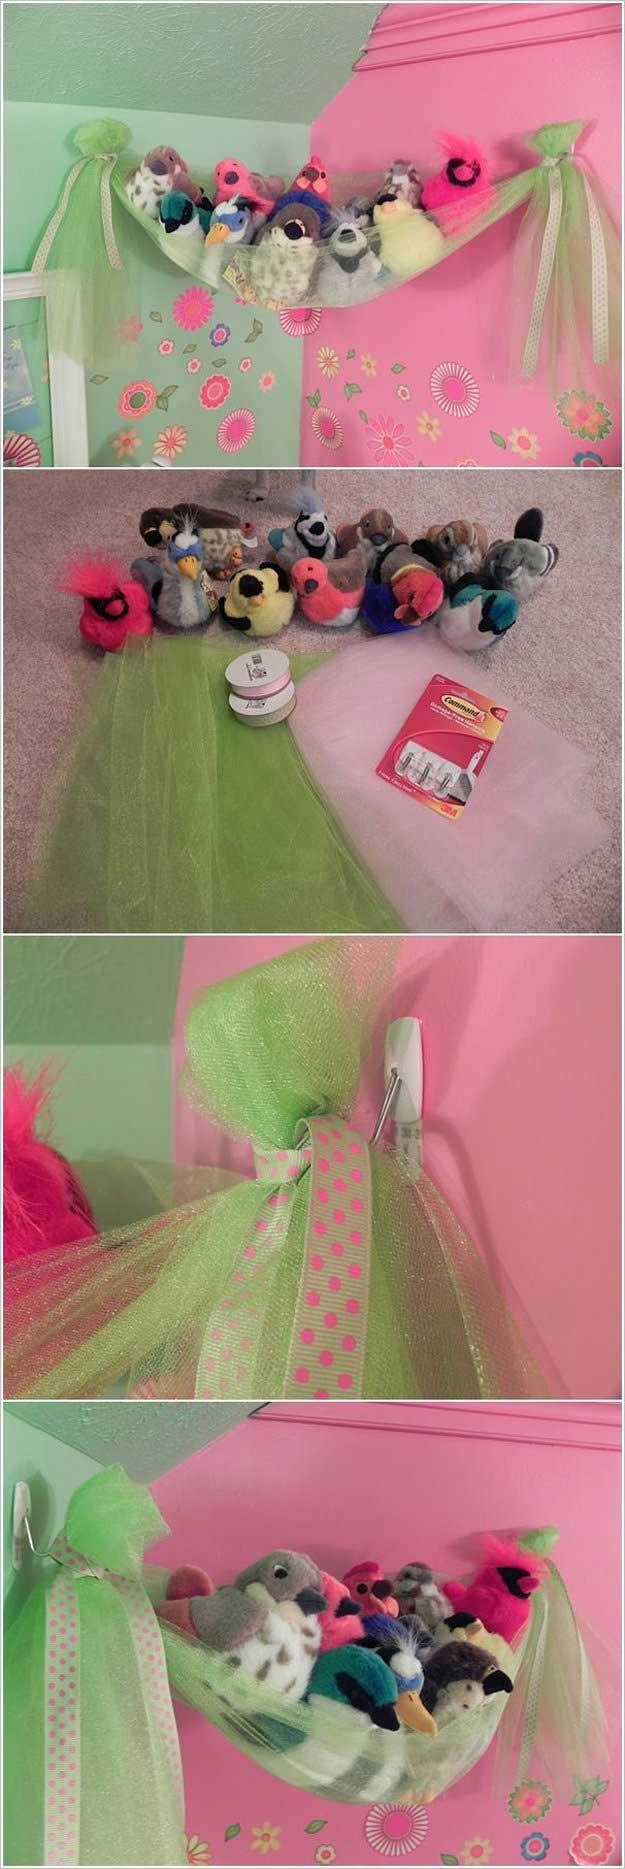 Fancy Bird's Nest   24 Smart DIY Toy & Crafts Storage Solutions